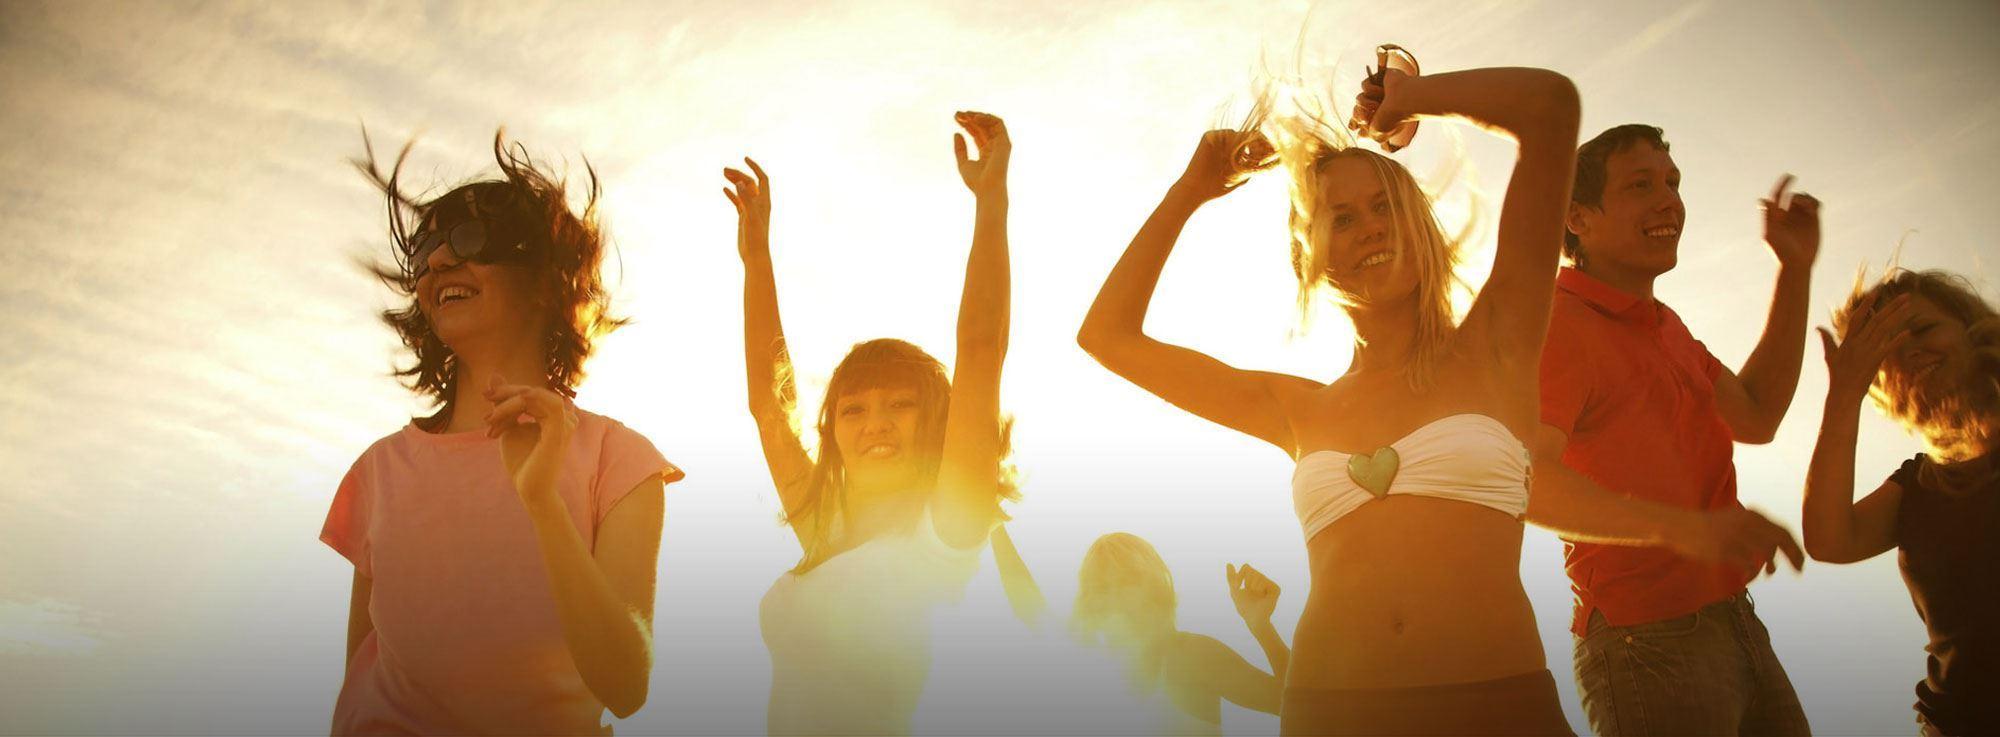 Barletta: Festa della Musica IX edizione